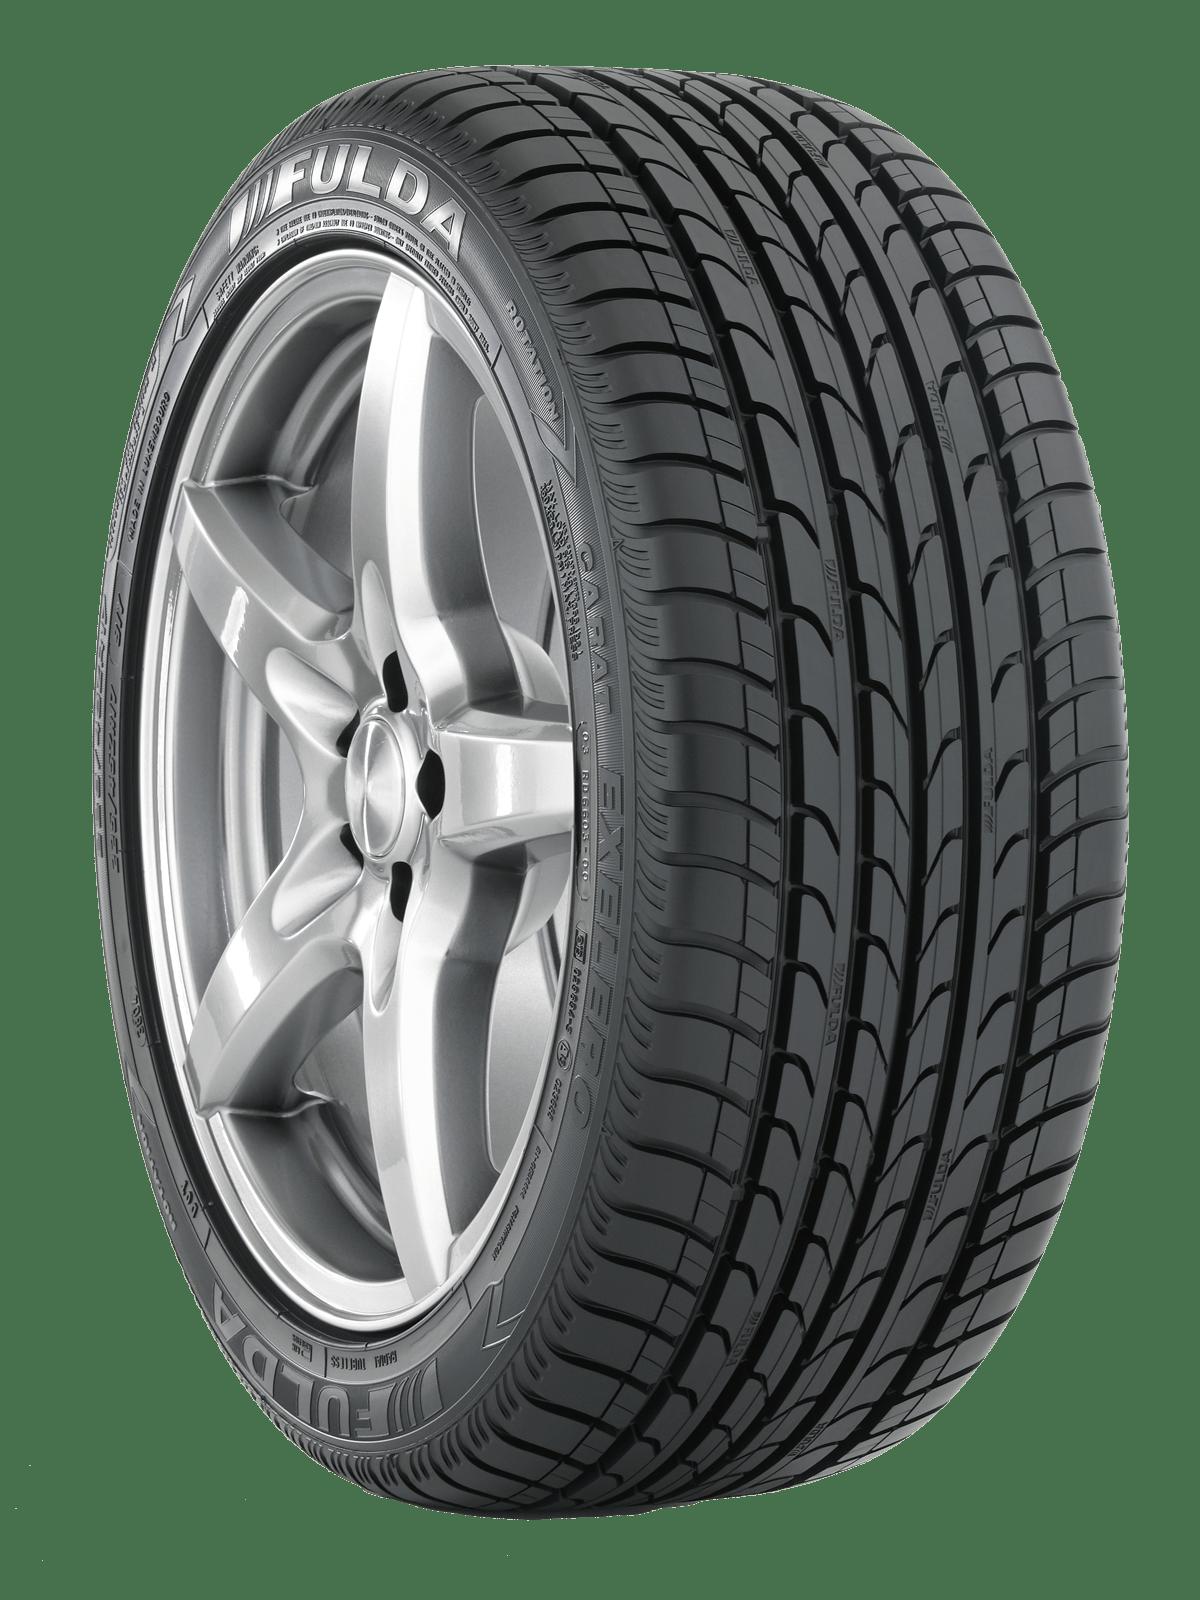 Fulda Tyre transparent PNG.